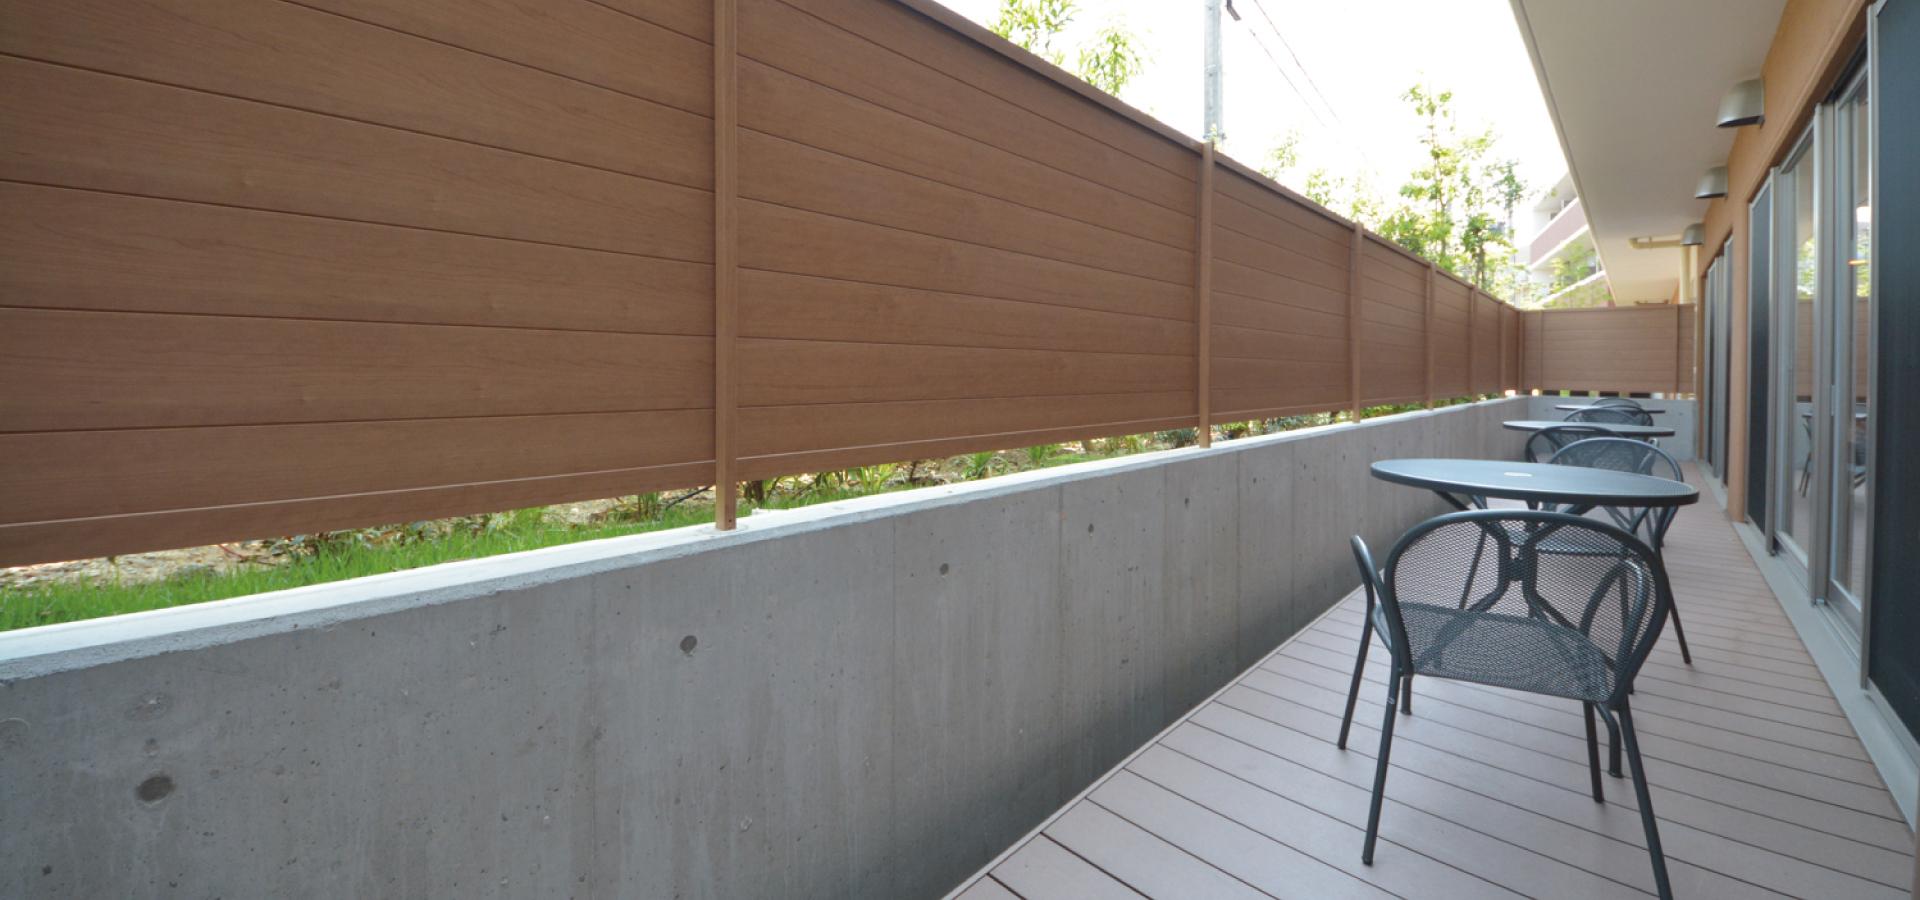 「ティーズカレッジ大阪大学前」食堂横にはテラスをご用意いたしました。宅都プロパティ大阪学生向けマンション総合サイト|studentroom